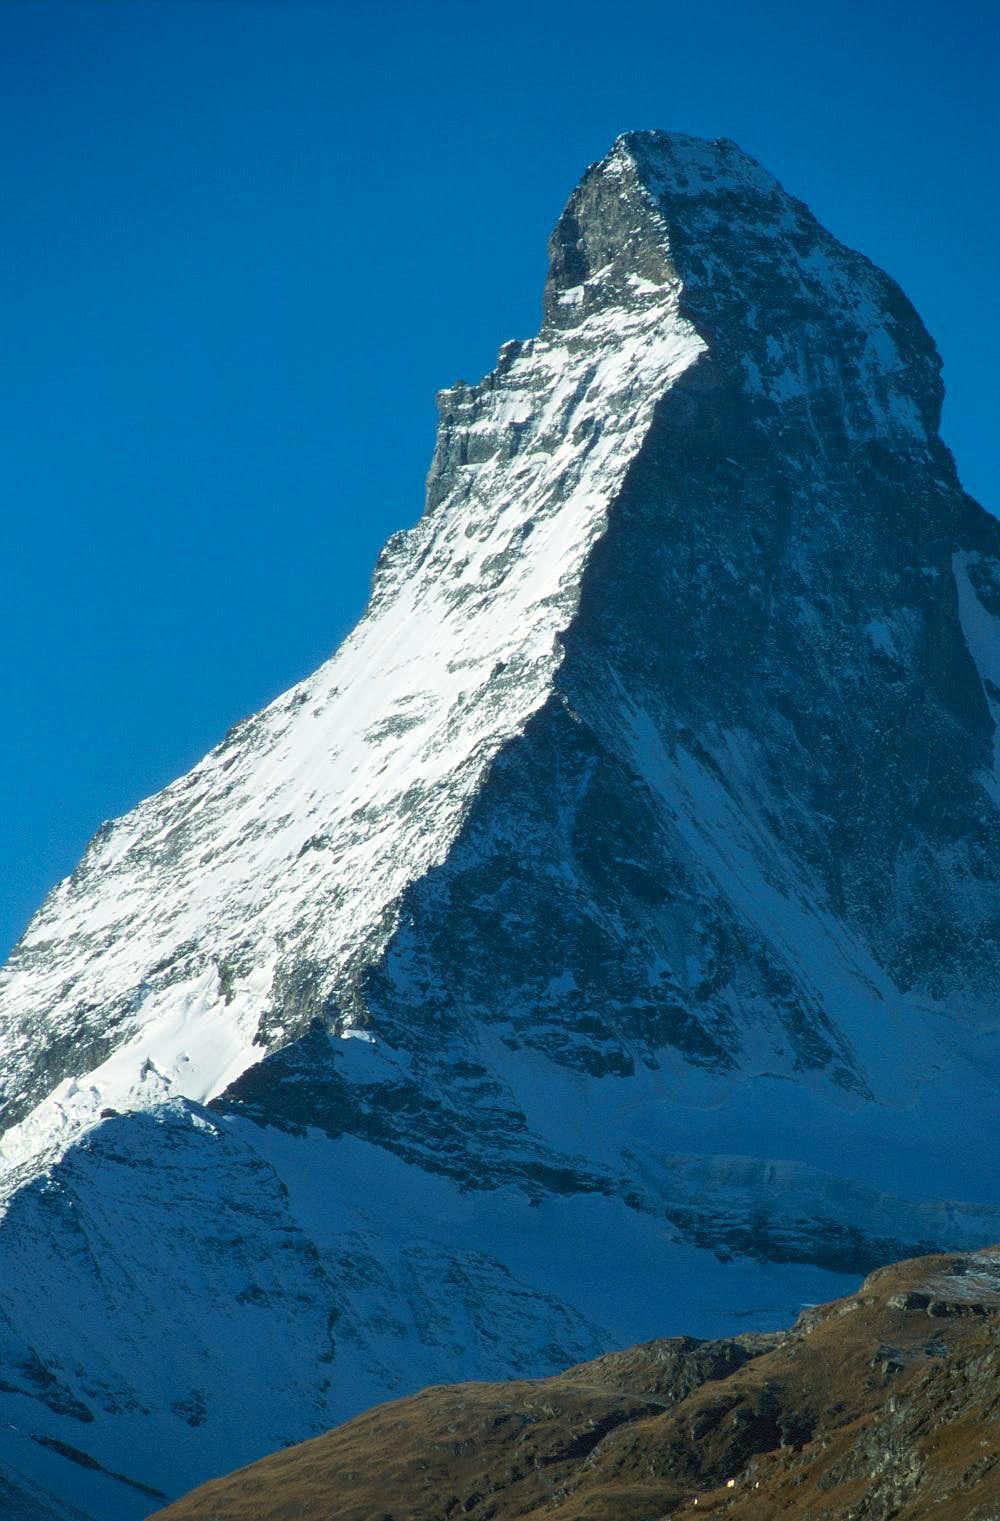 Hörnli ridge